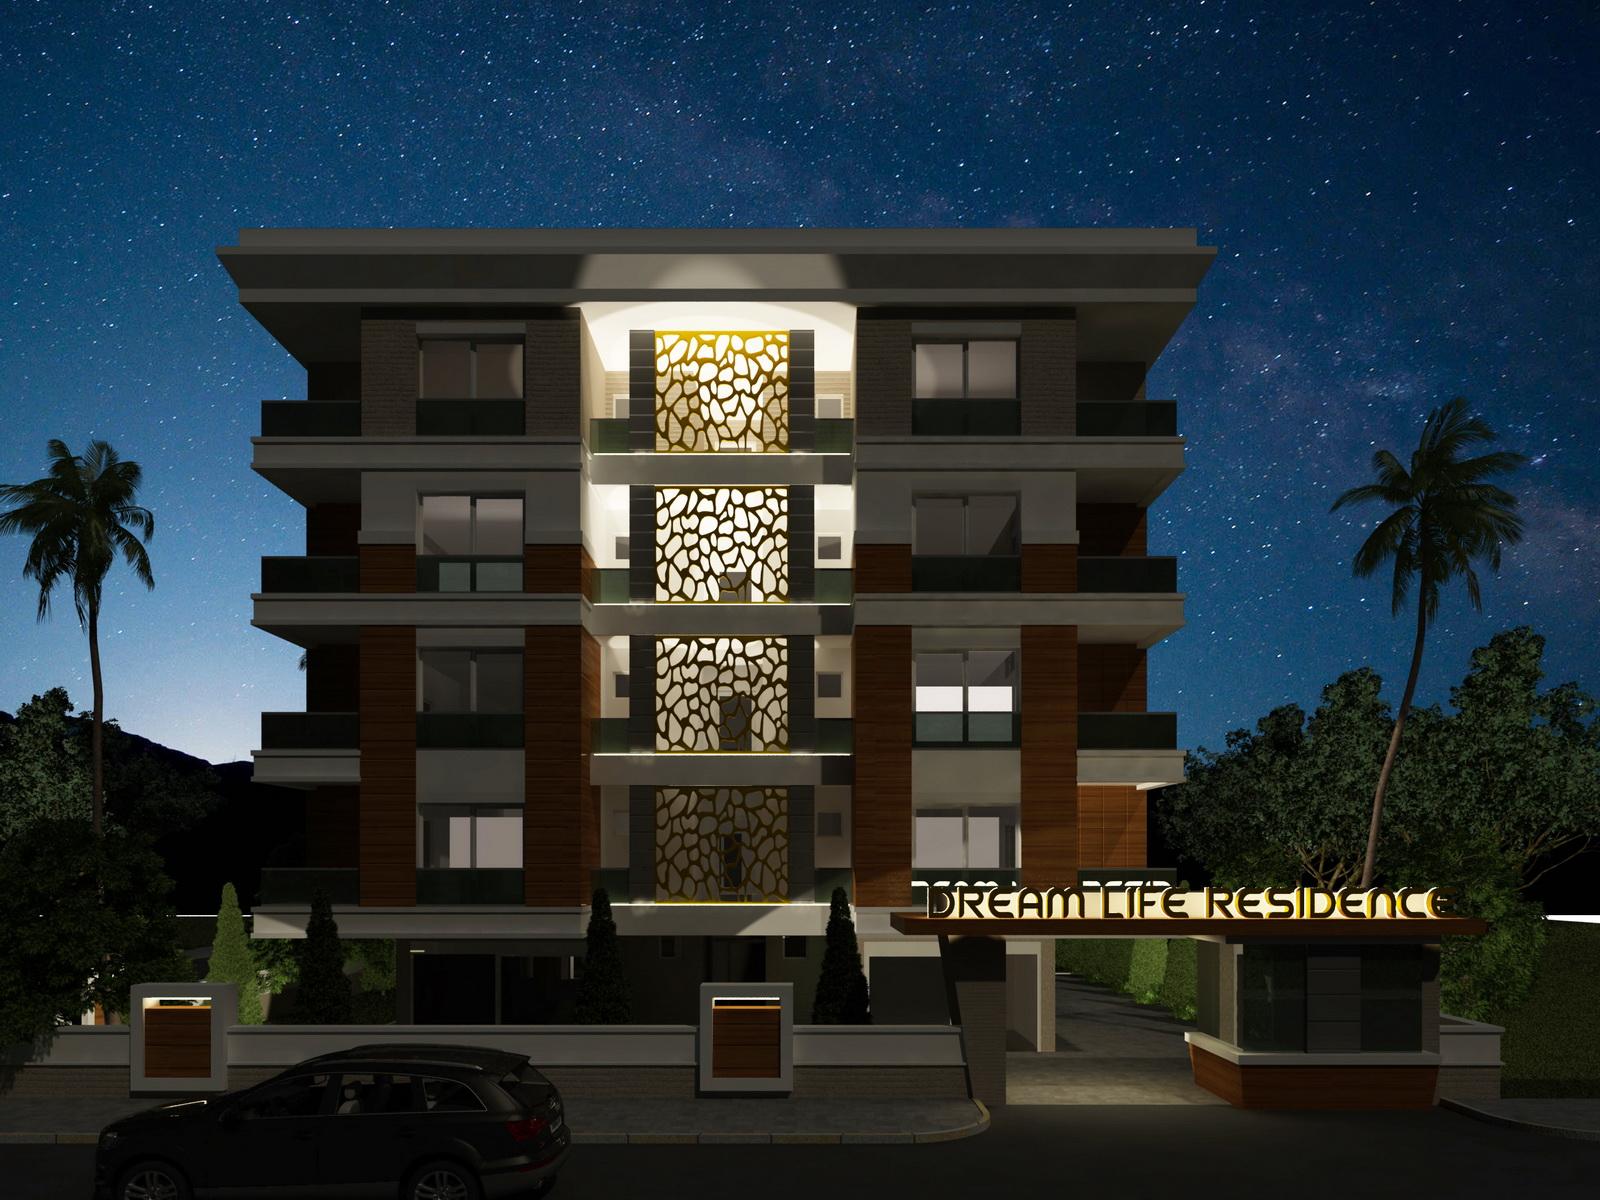 Dream Life Residence, продажа апартаментов в Анталии рядом с морем